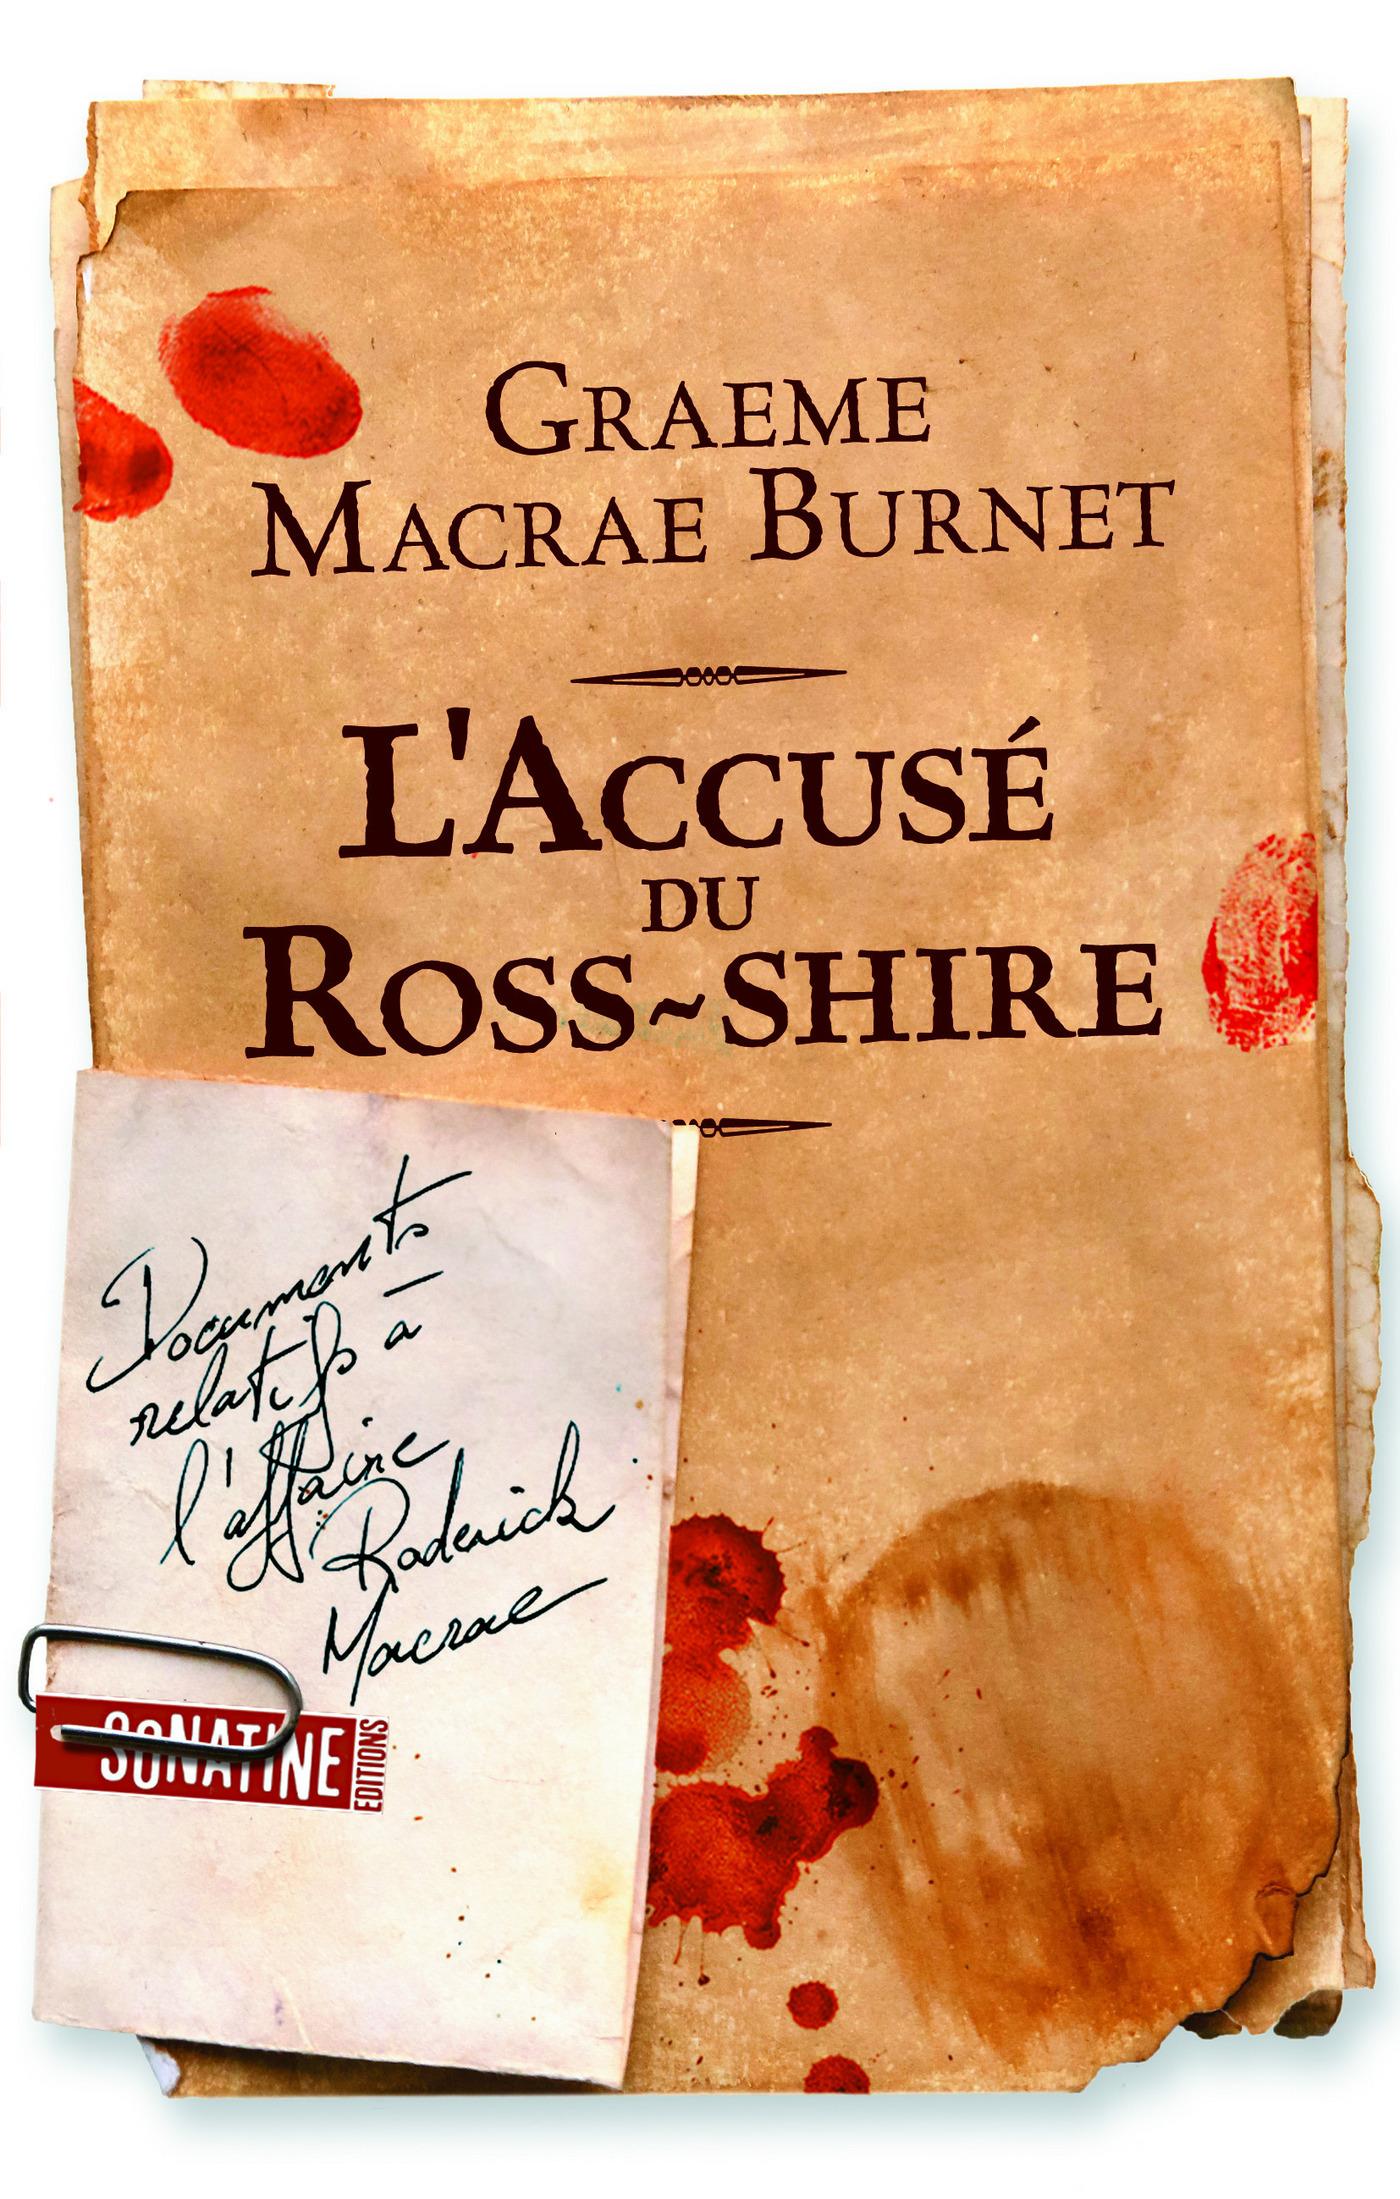 L'Accus? du Ross-shire, Documents relatifs ? l'affaire Roderick Macrae